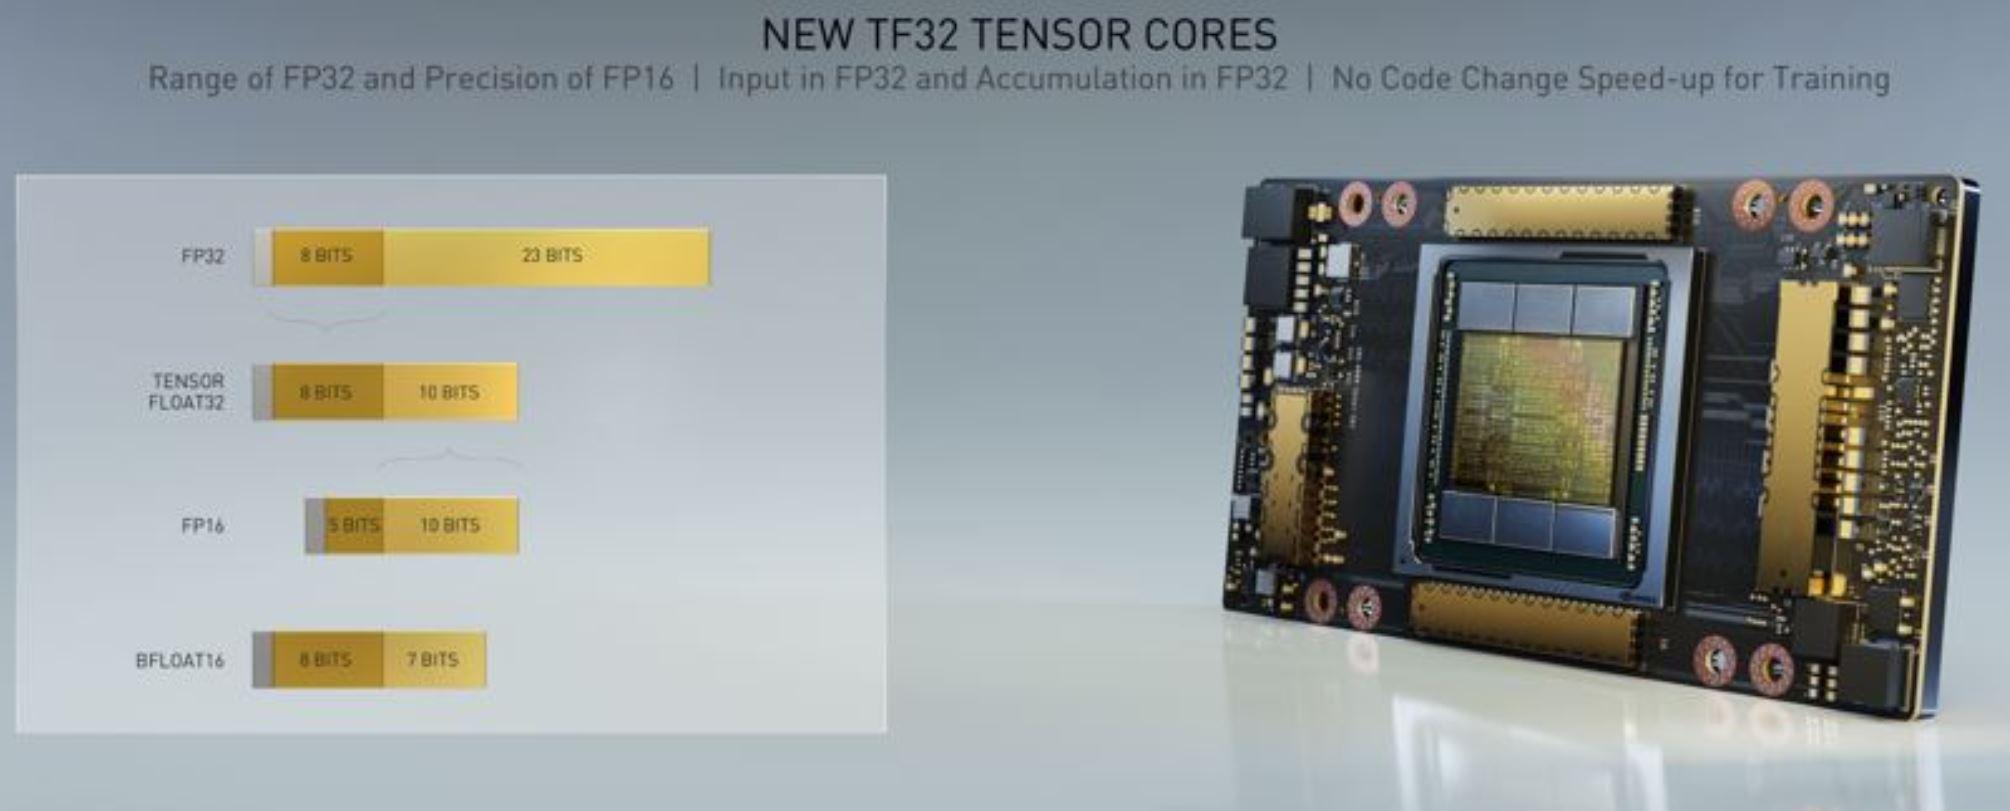 NVIDIA Tesla A100 TF32 Format